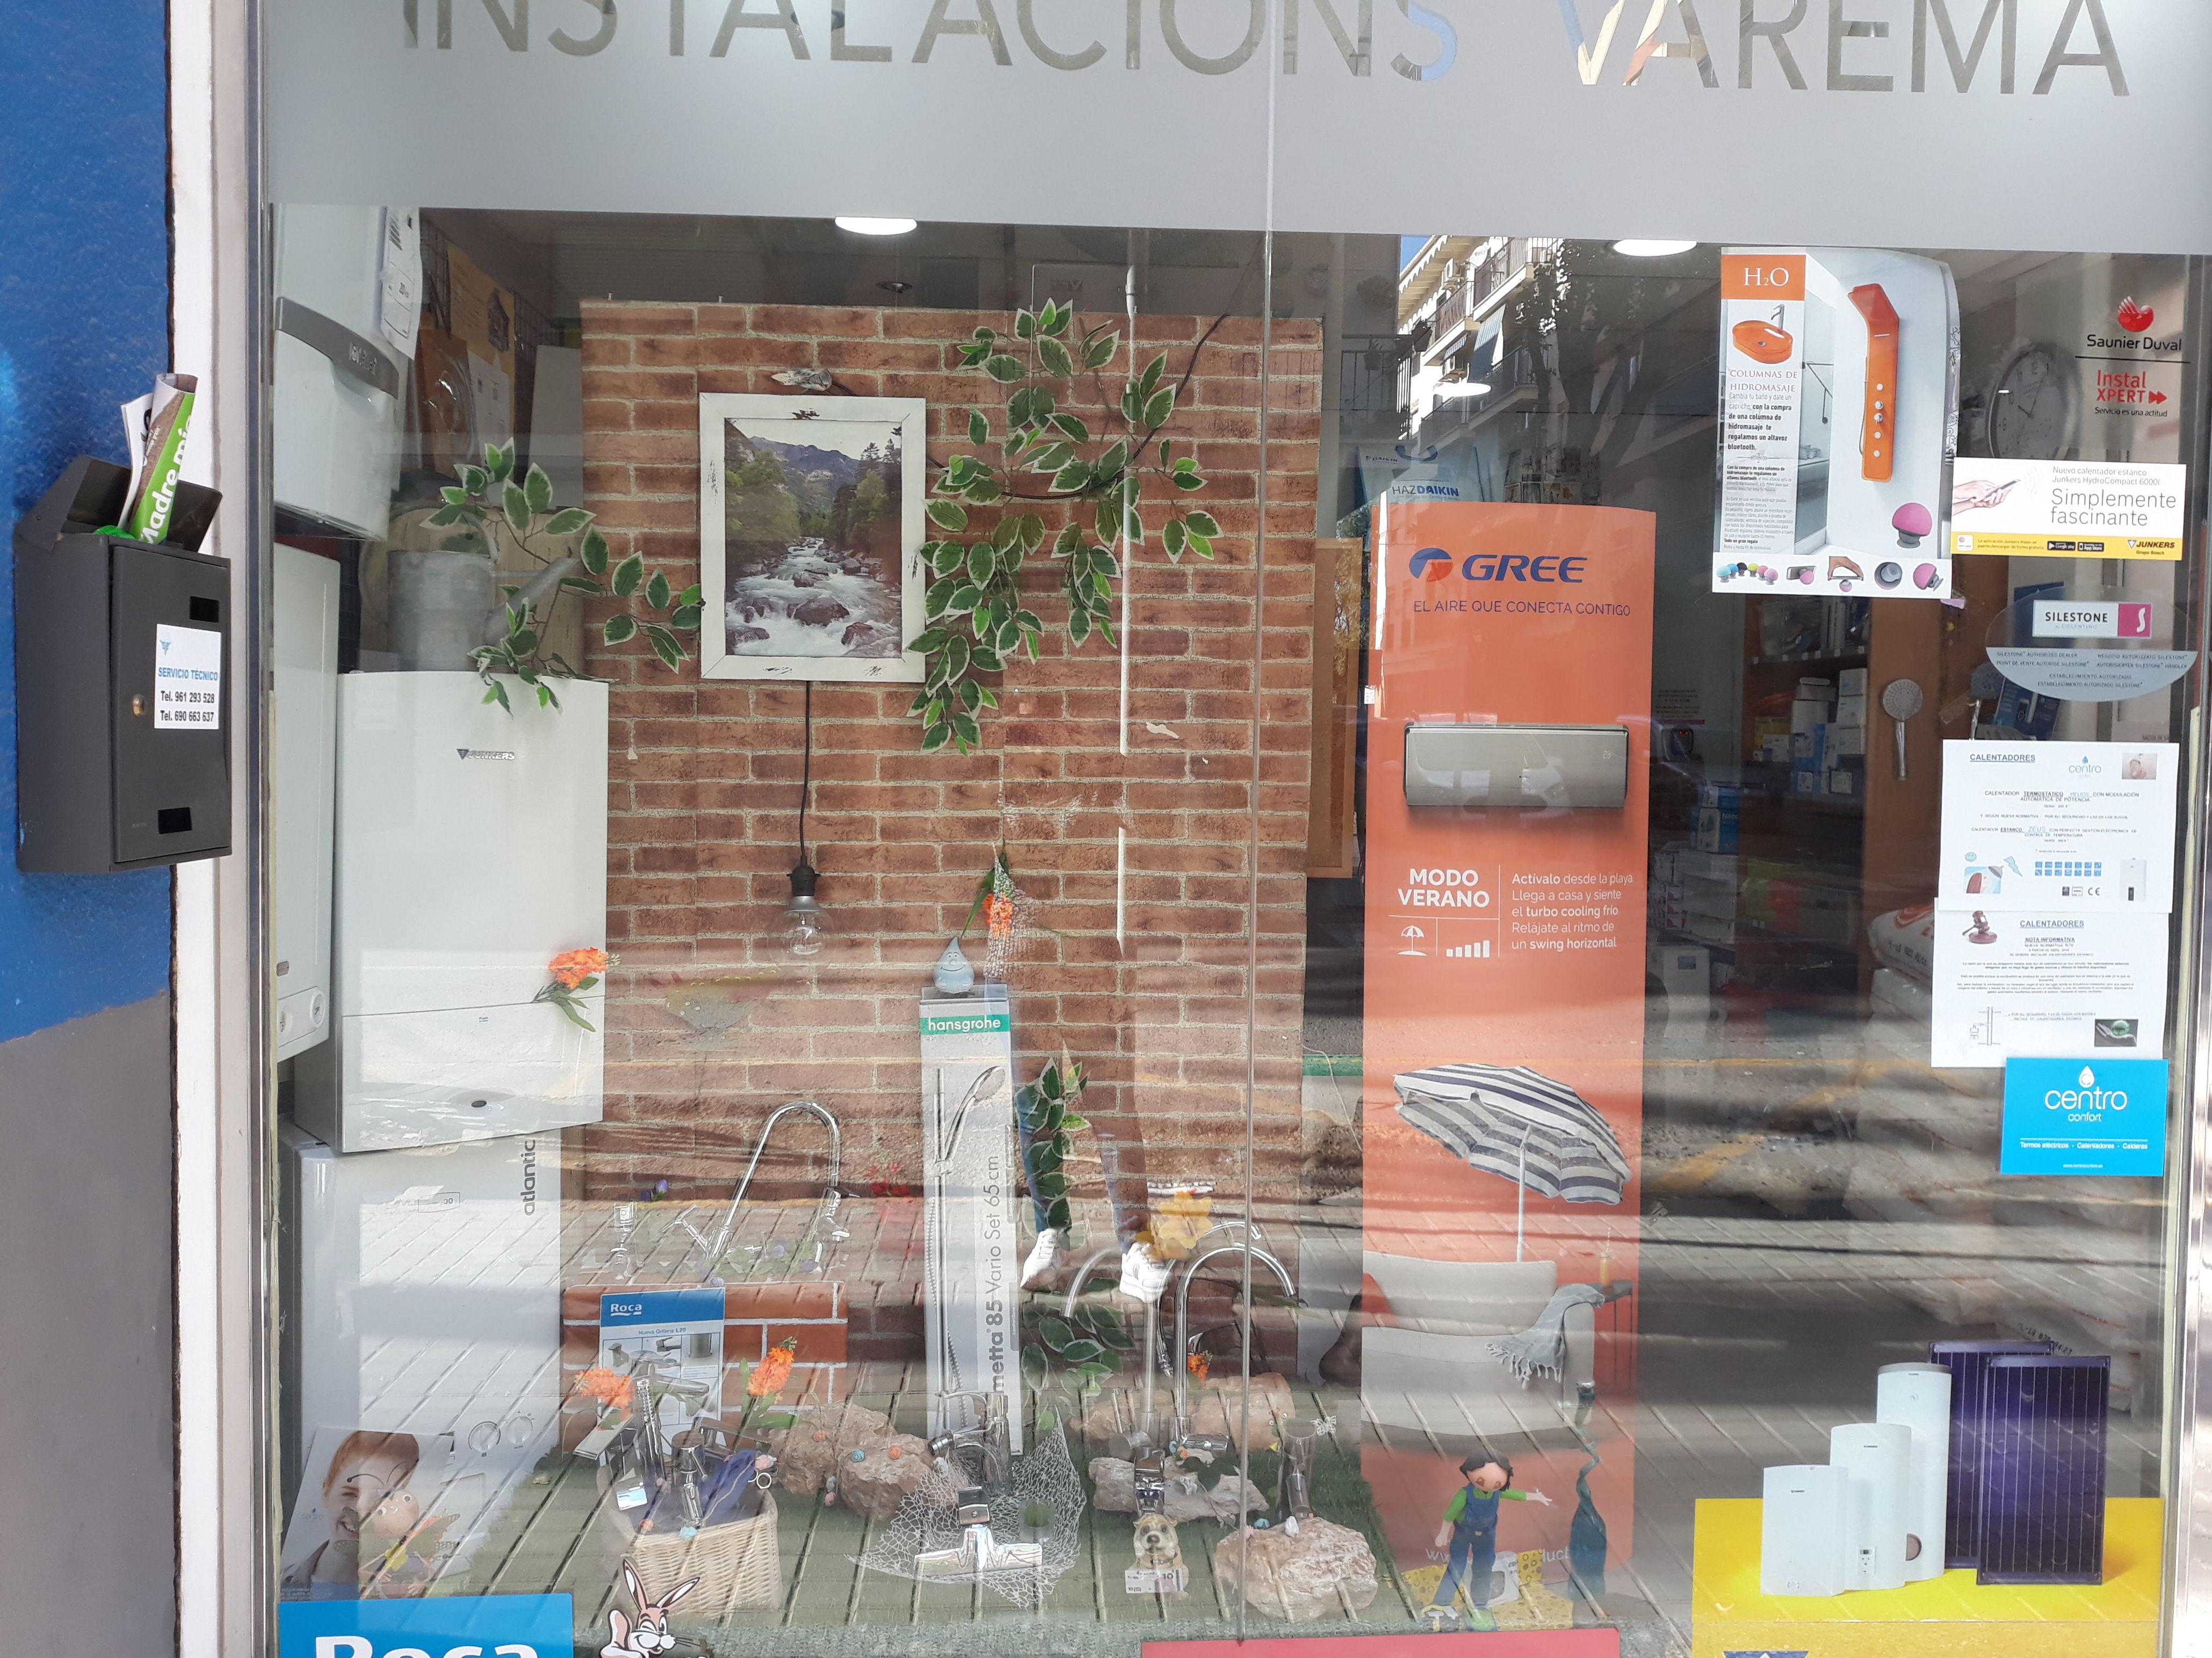 Foto 1 de Aire acondicionado en Picanya | Instalaciones Varema